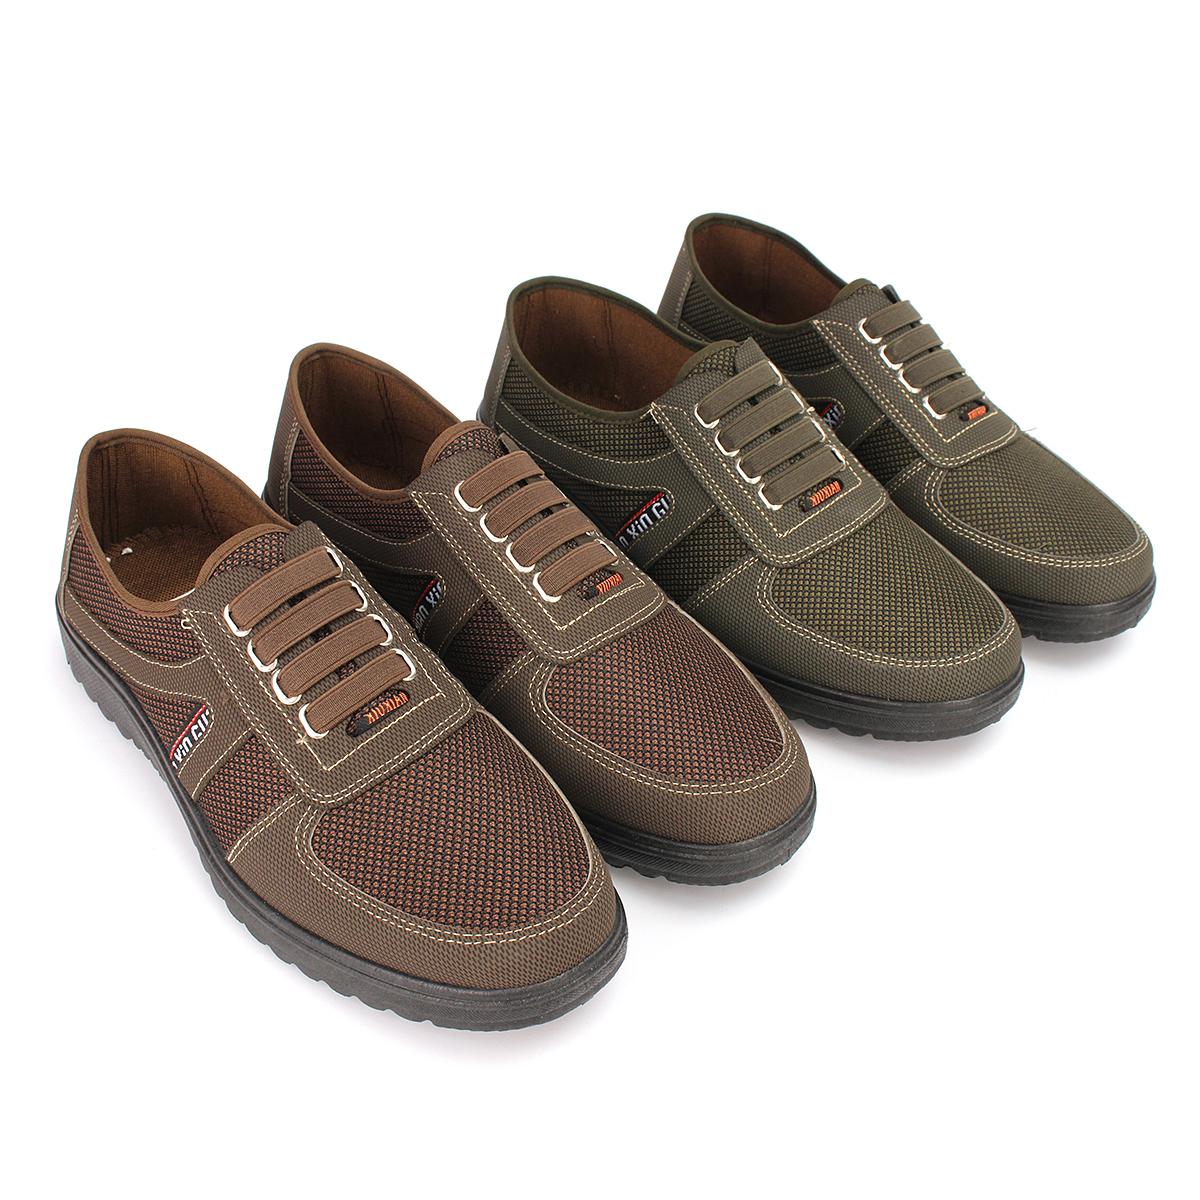 AEQUEEN Mocassins Hommes en Coton Chaussure Décontractées YqU793